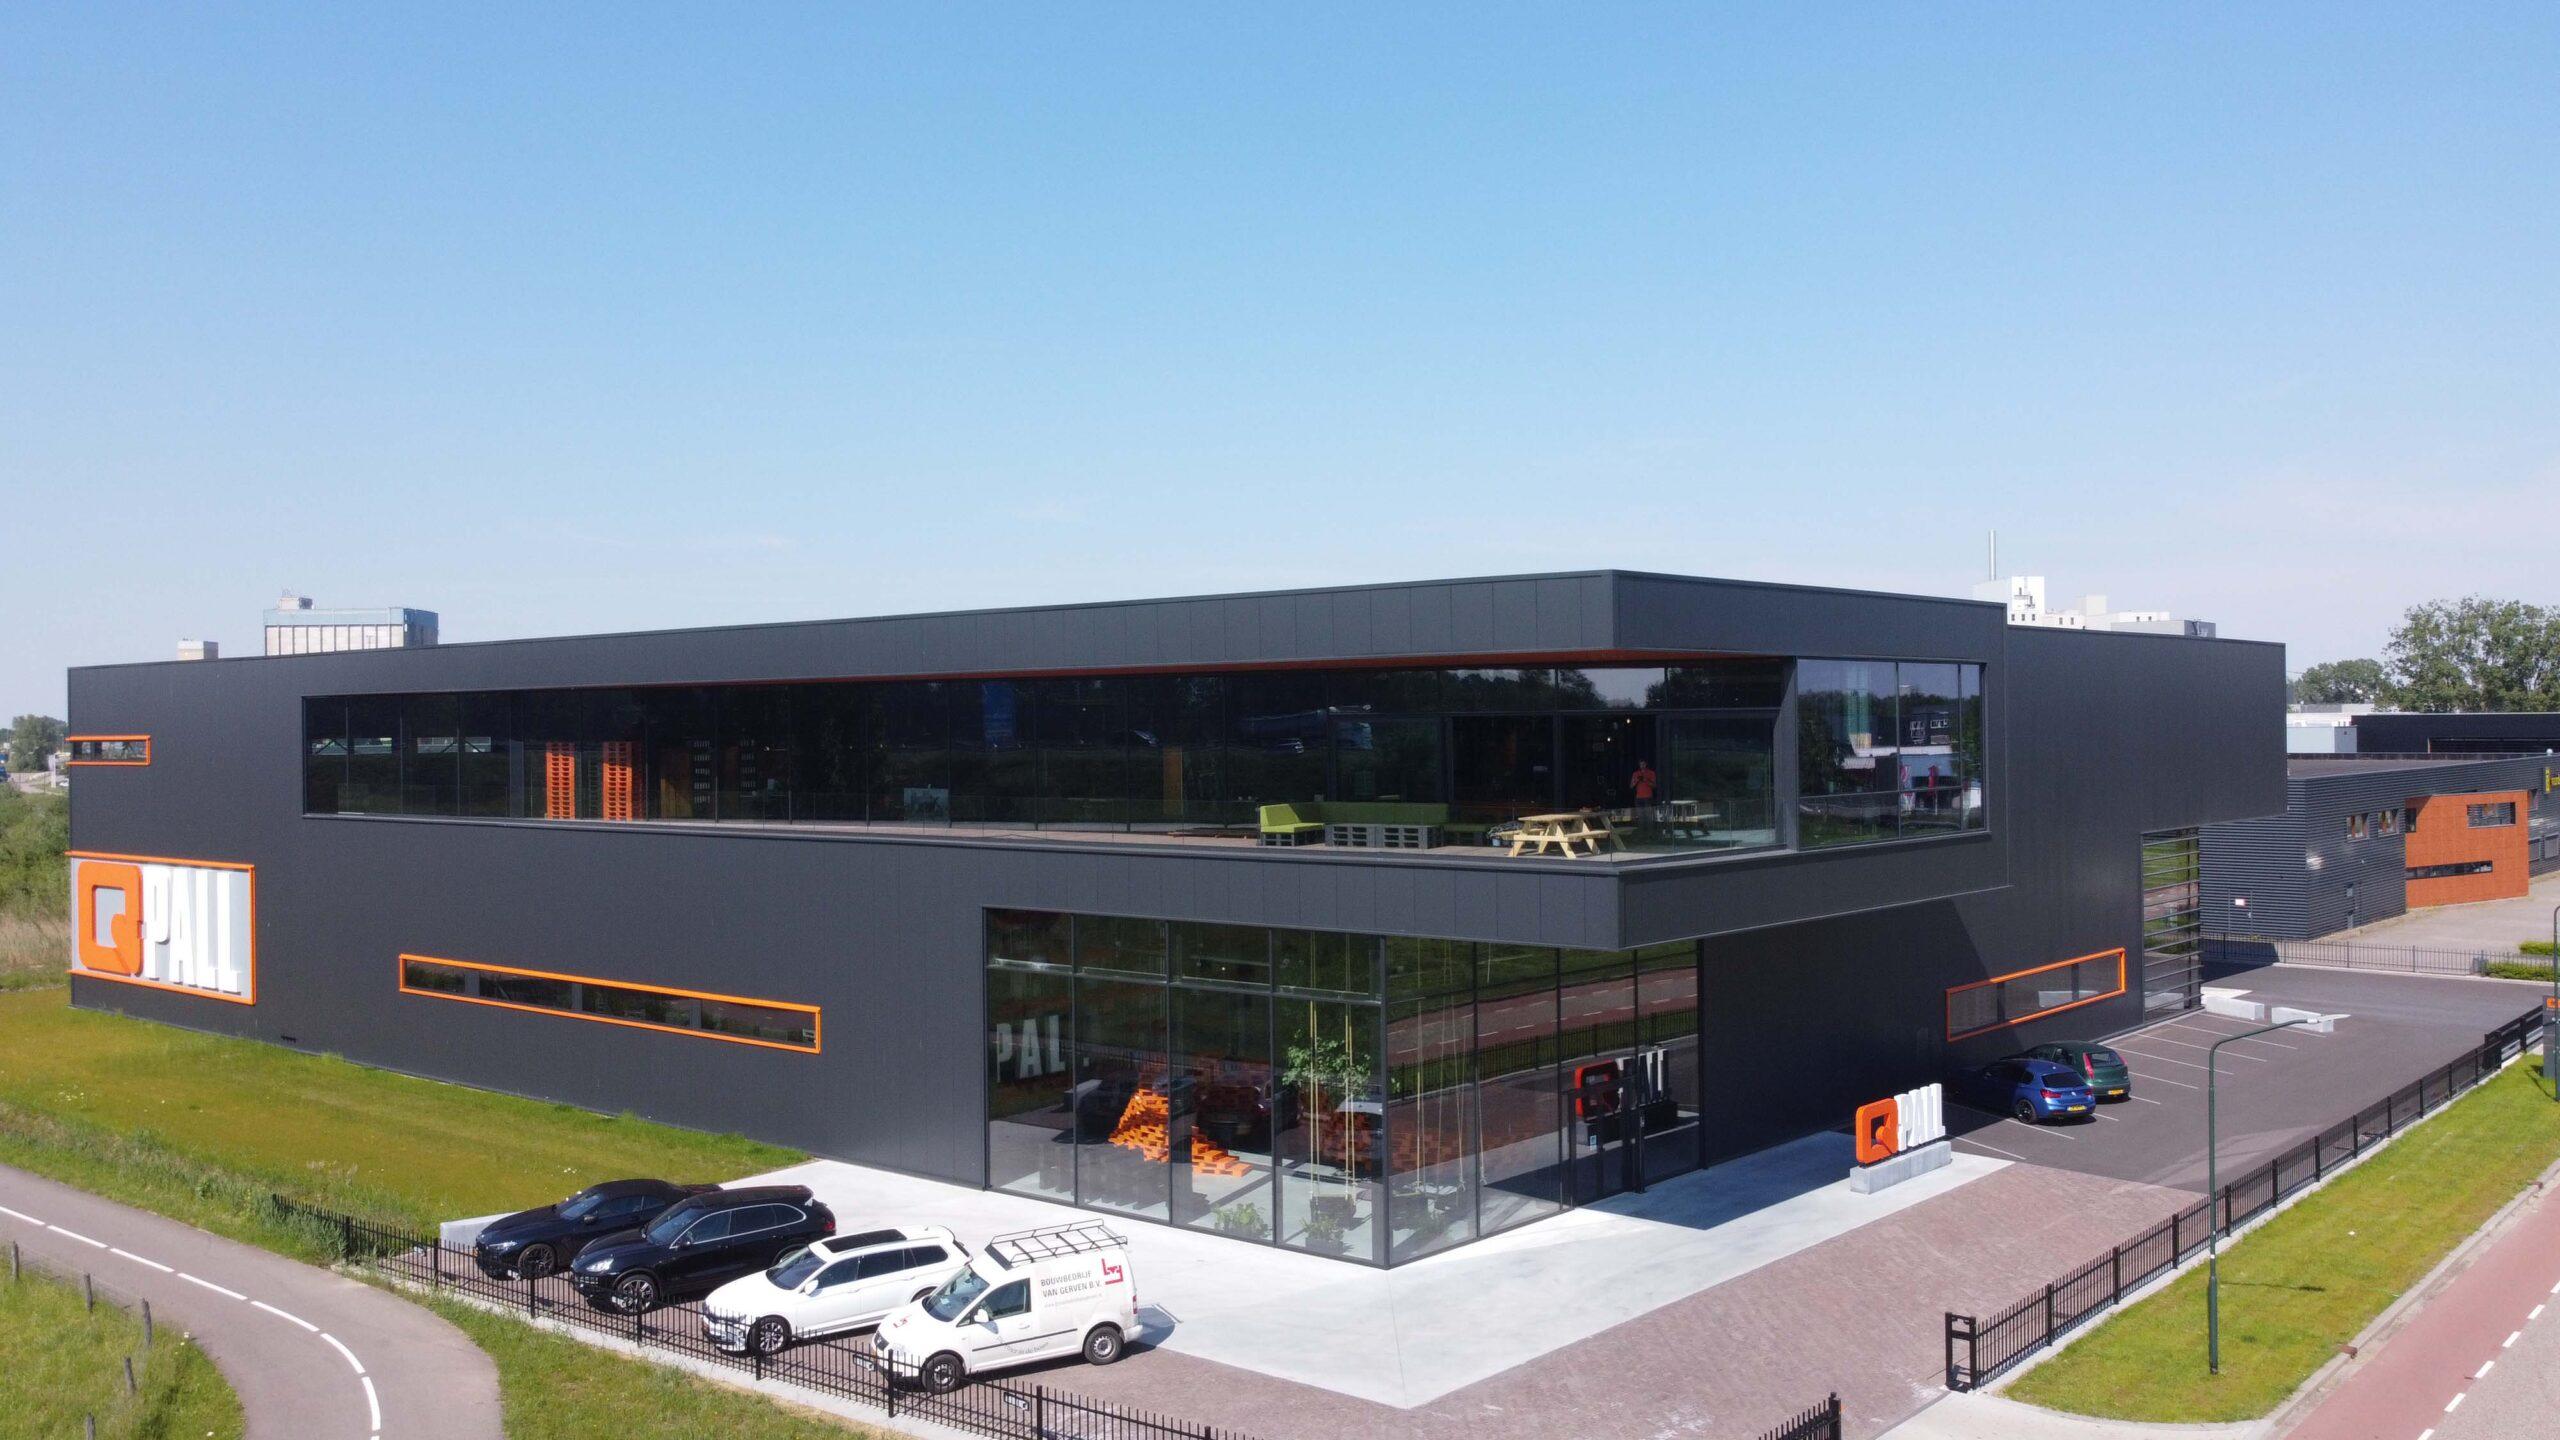 Q-Pall Veghel - bouwbedrijf van Gerven 2